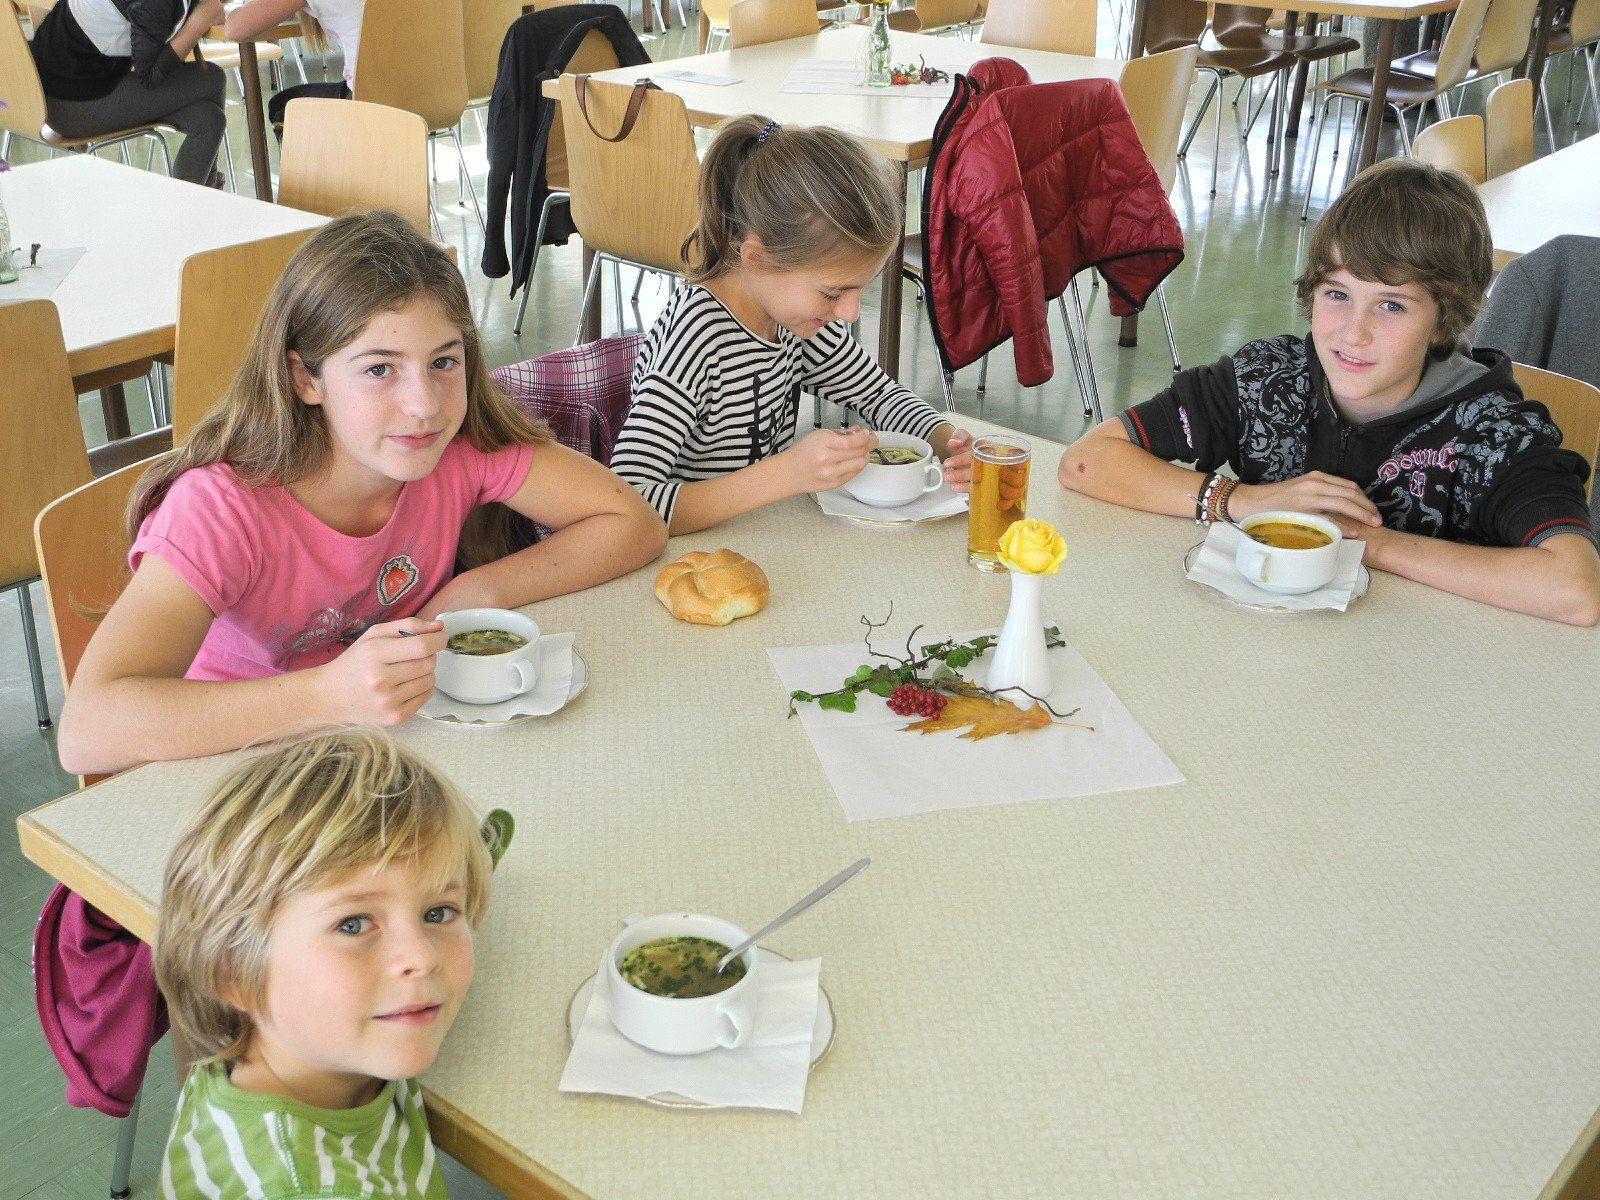 Über 200 Gäste. darunter zahlreiche Kinder kamen zum Suppentag ins Institut